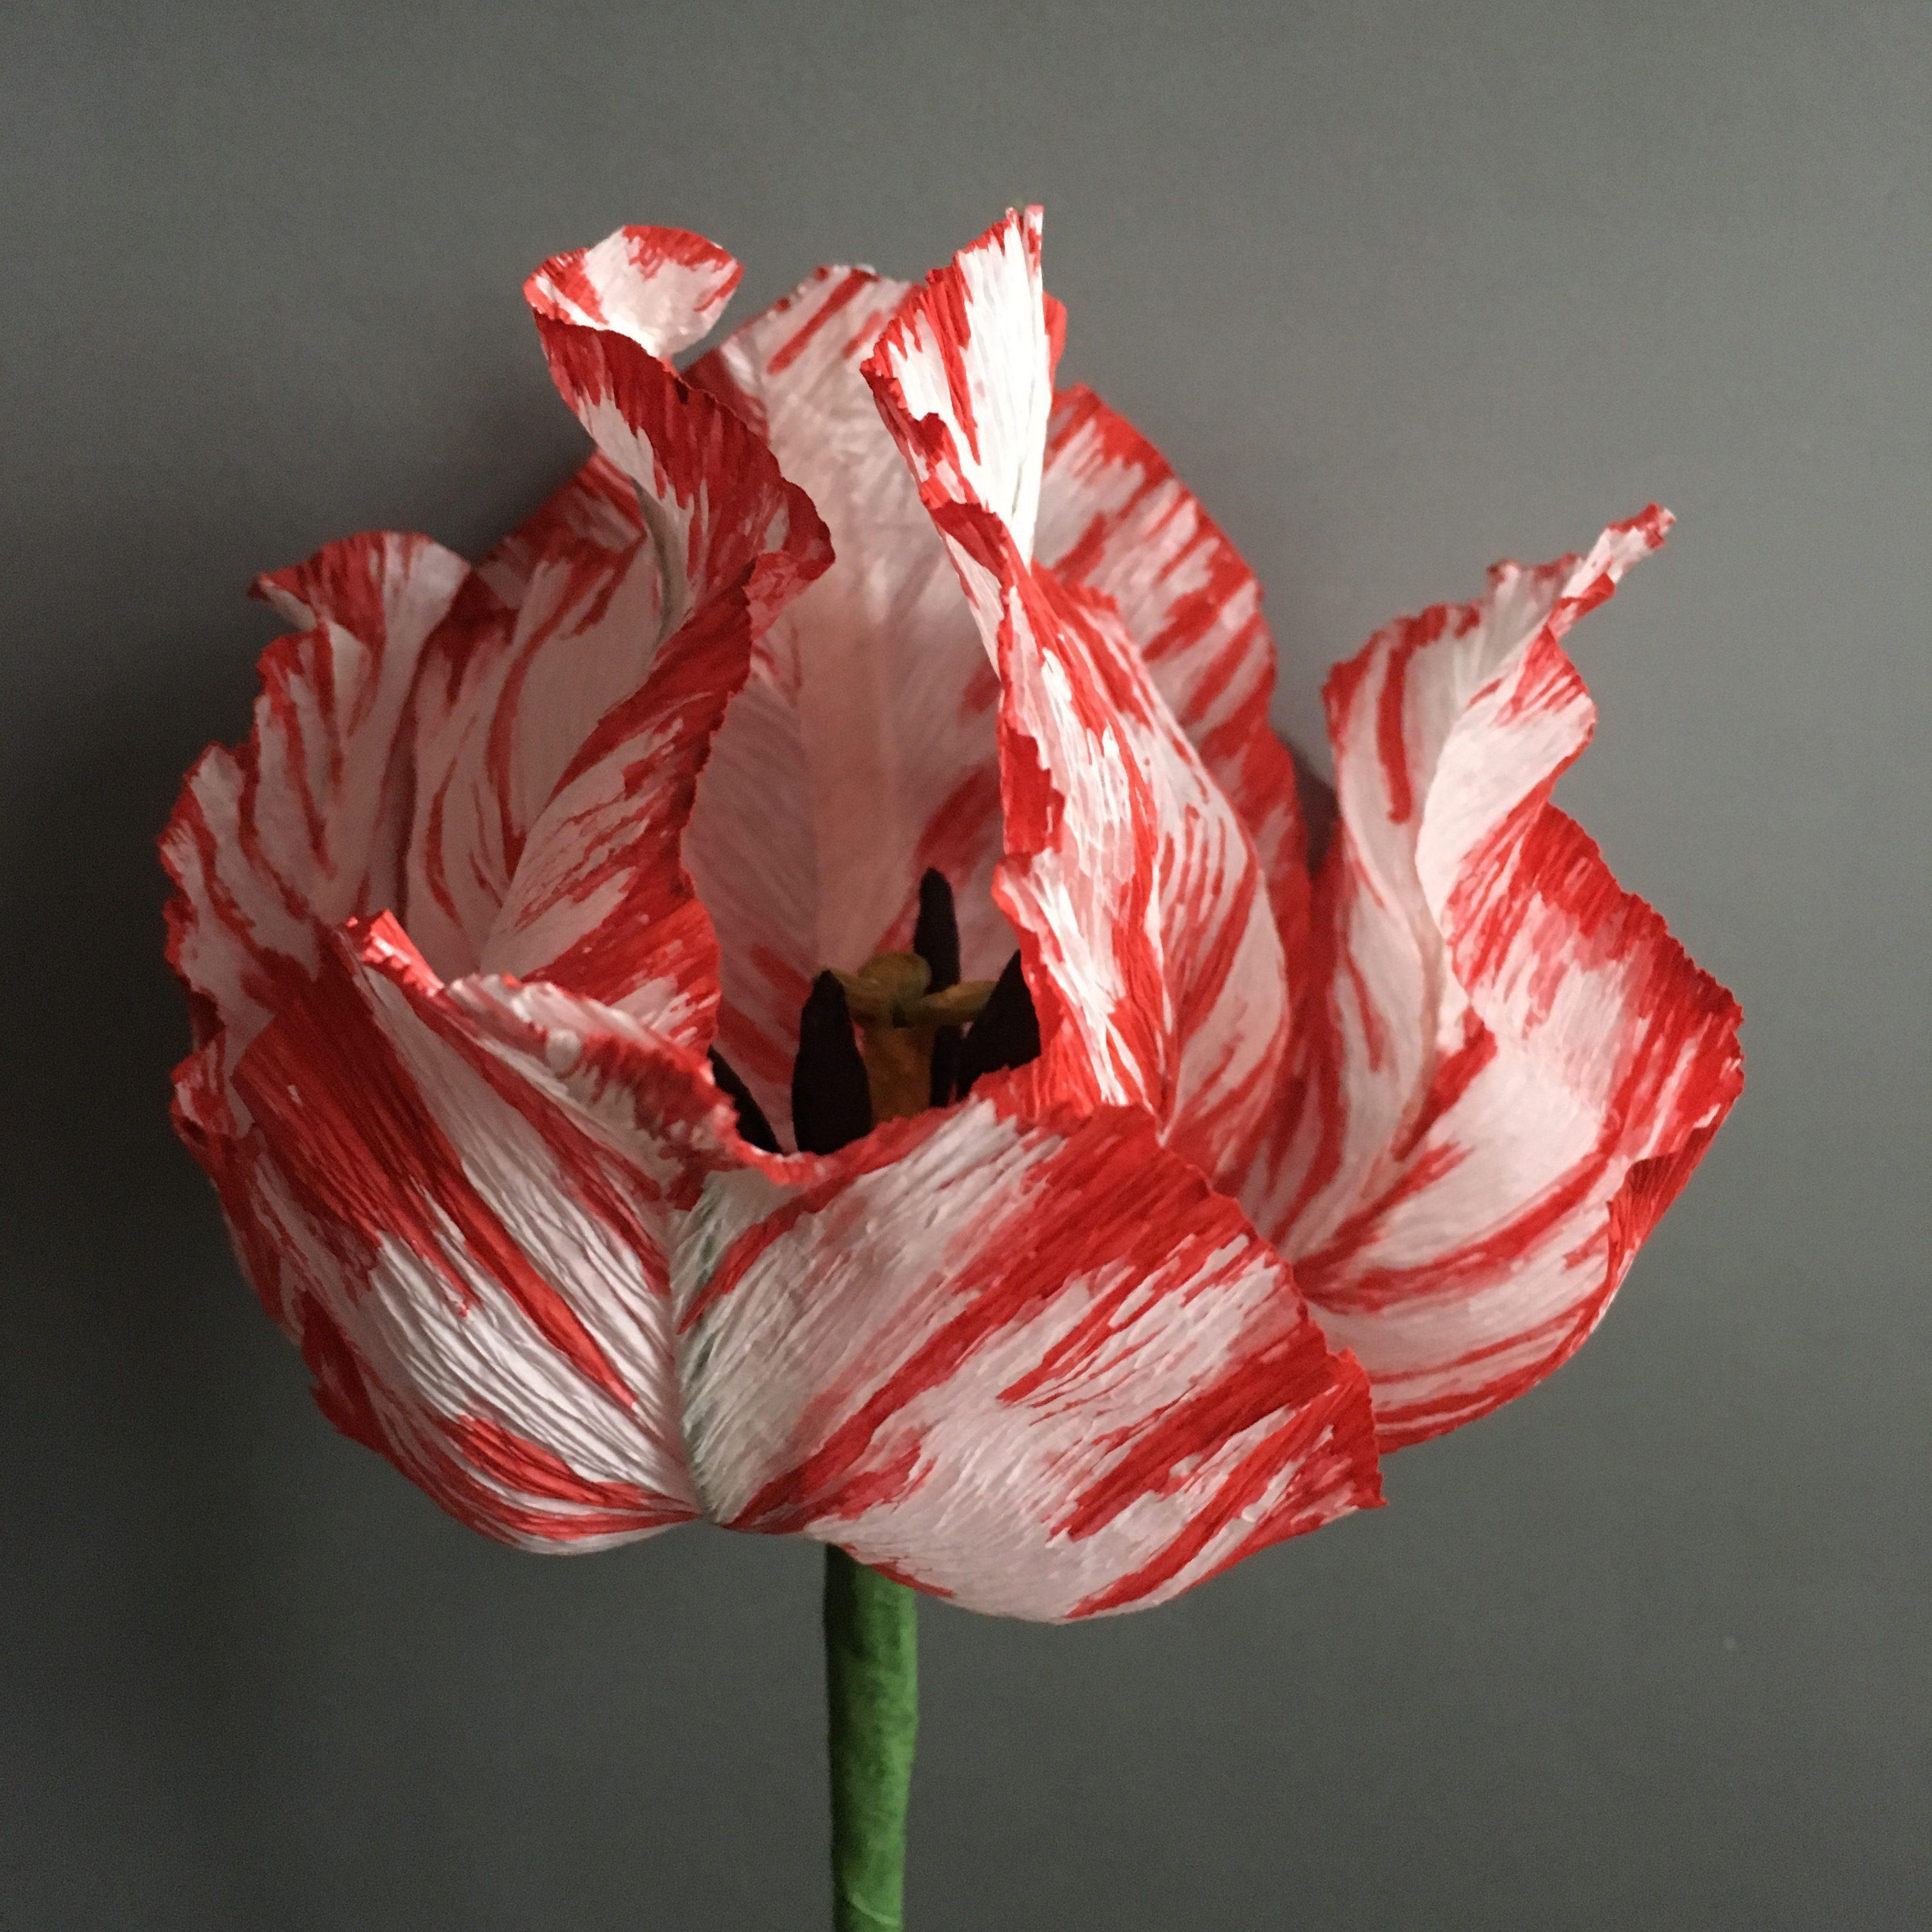 red and white petals of Semper Augustus tulip